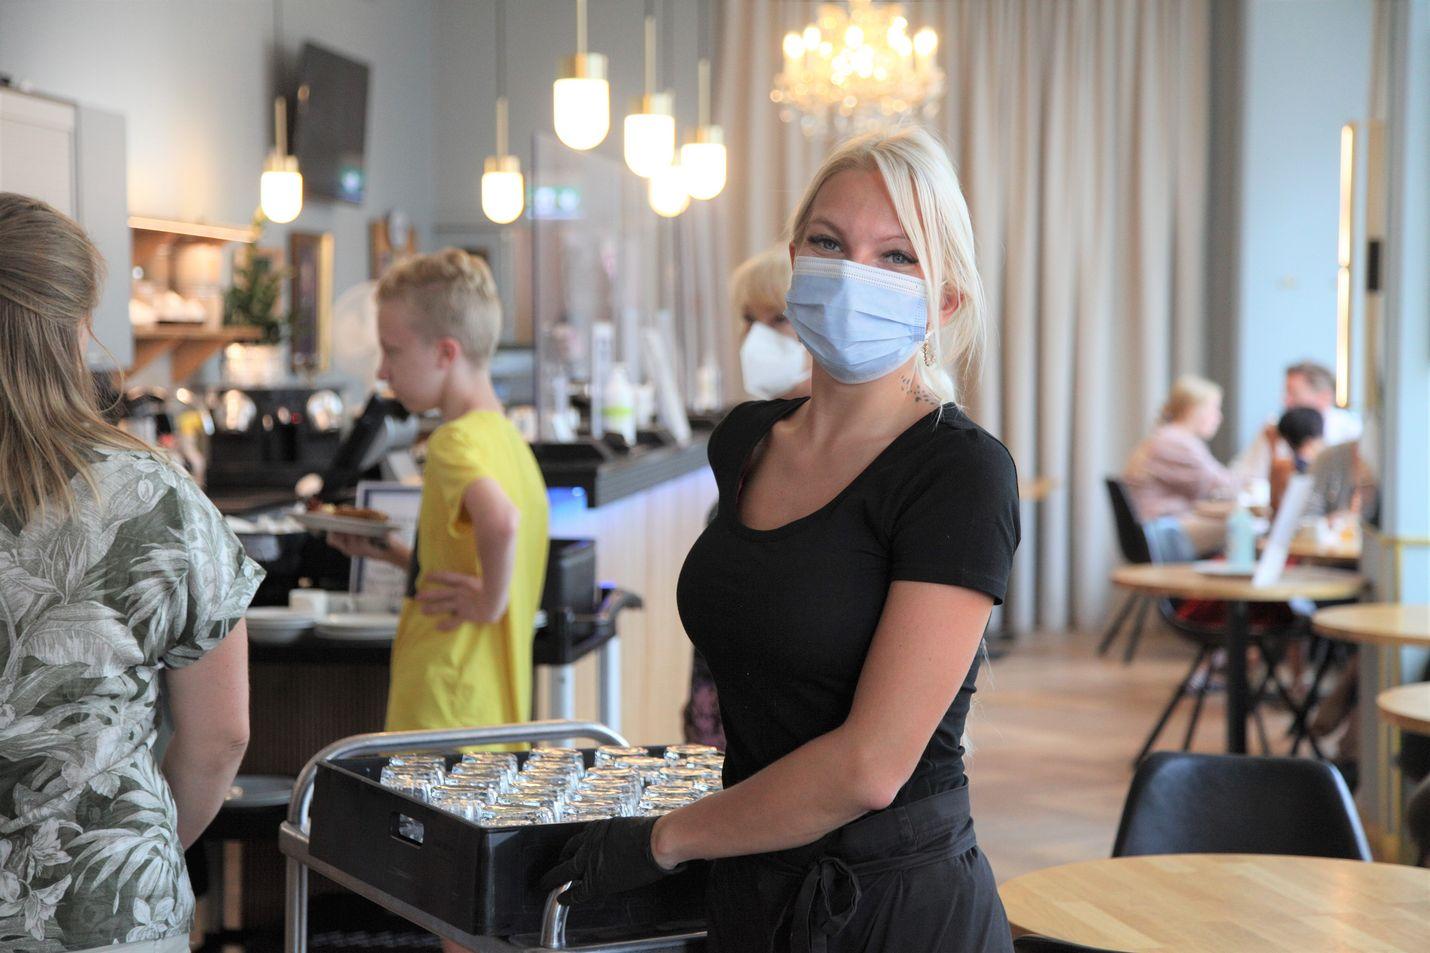 Tarjoilija Nea Palonen oli neljä kuukautta lomautettuna työstään helsinkiläisessä Hotel Arthurissa. Palonen on iloinen, kun hotellissa on taas vilskettä. Torstaina aamiaiselle virtasi jatkuvasti ihmisiä, mutta tungosta ei ollut.